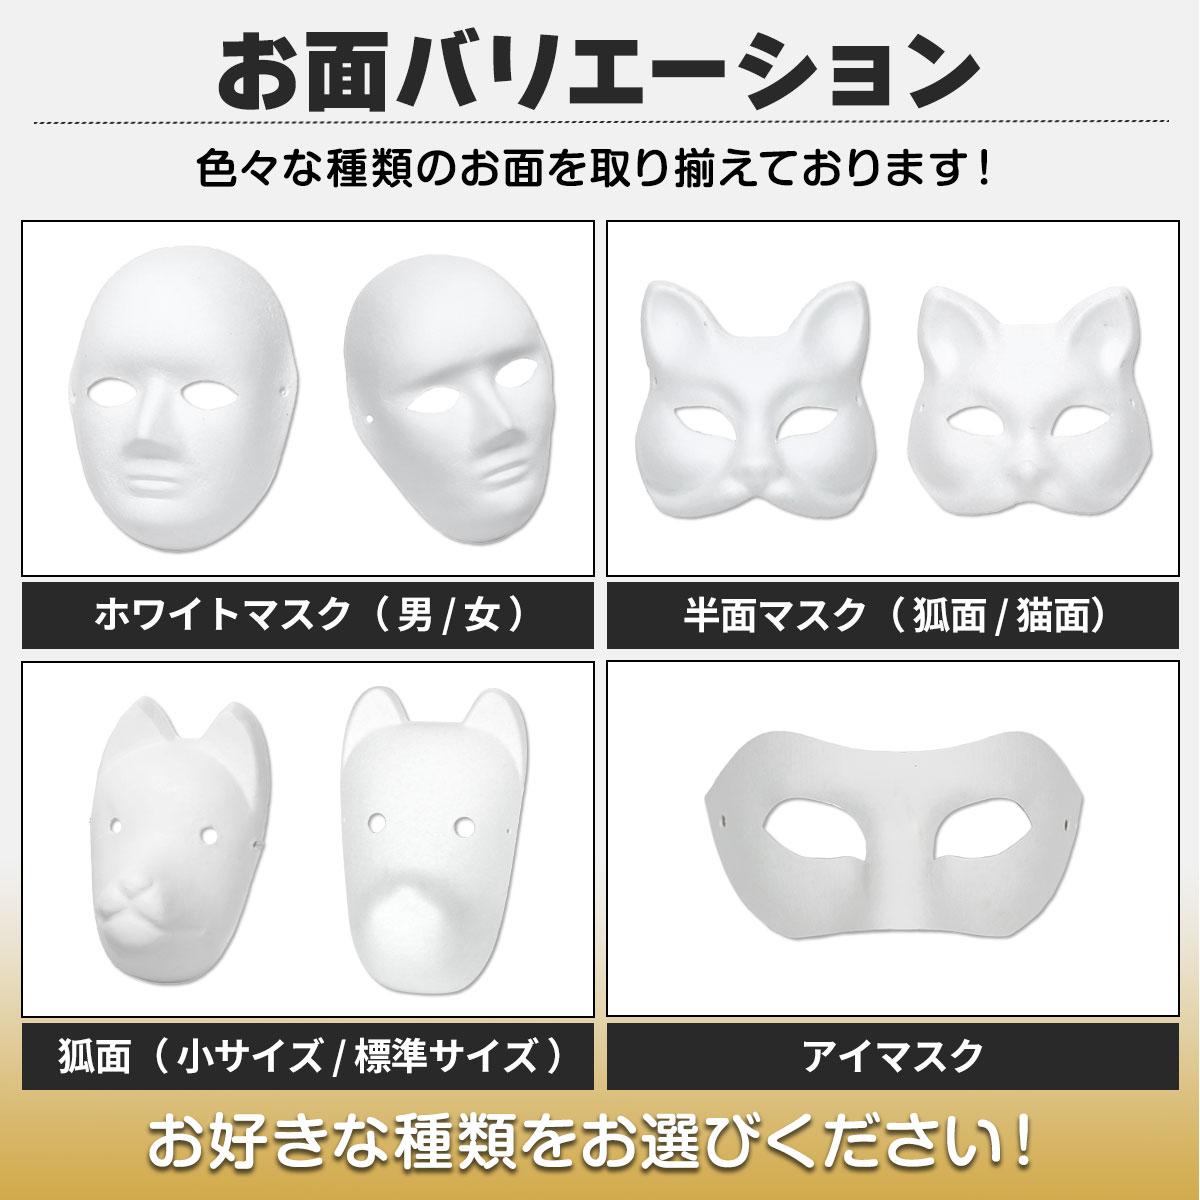 お面 仮面 マスク コスプレ 男面 女面 無地 ペイント 紙パルプ製 40枚セット